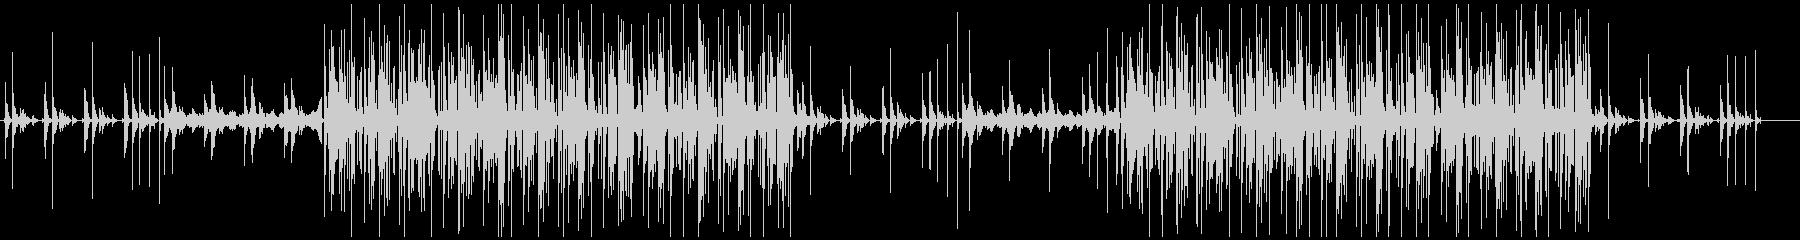 クールダウンなフューチャーベースの未再生の波形